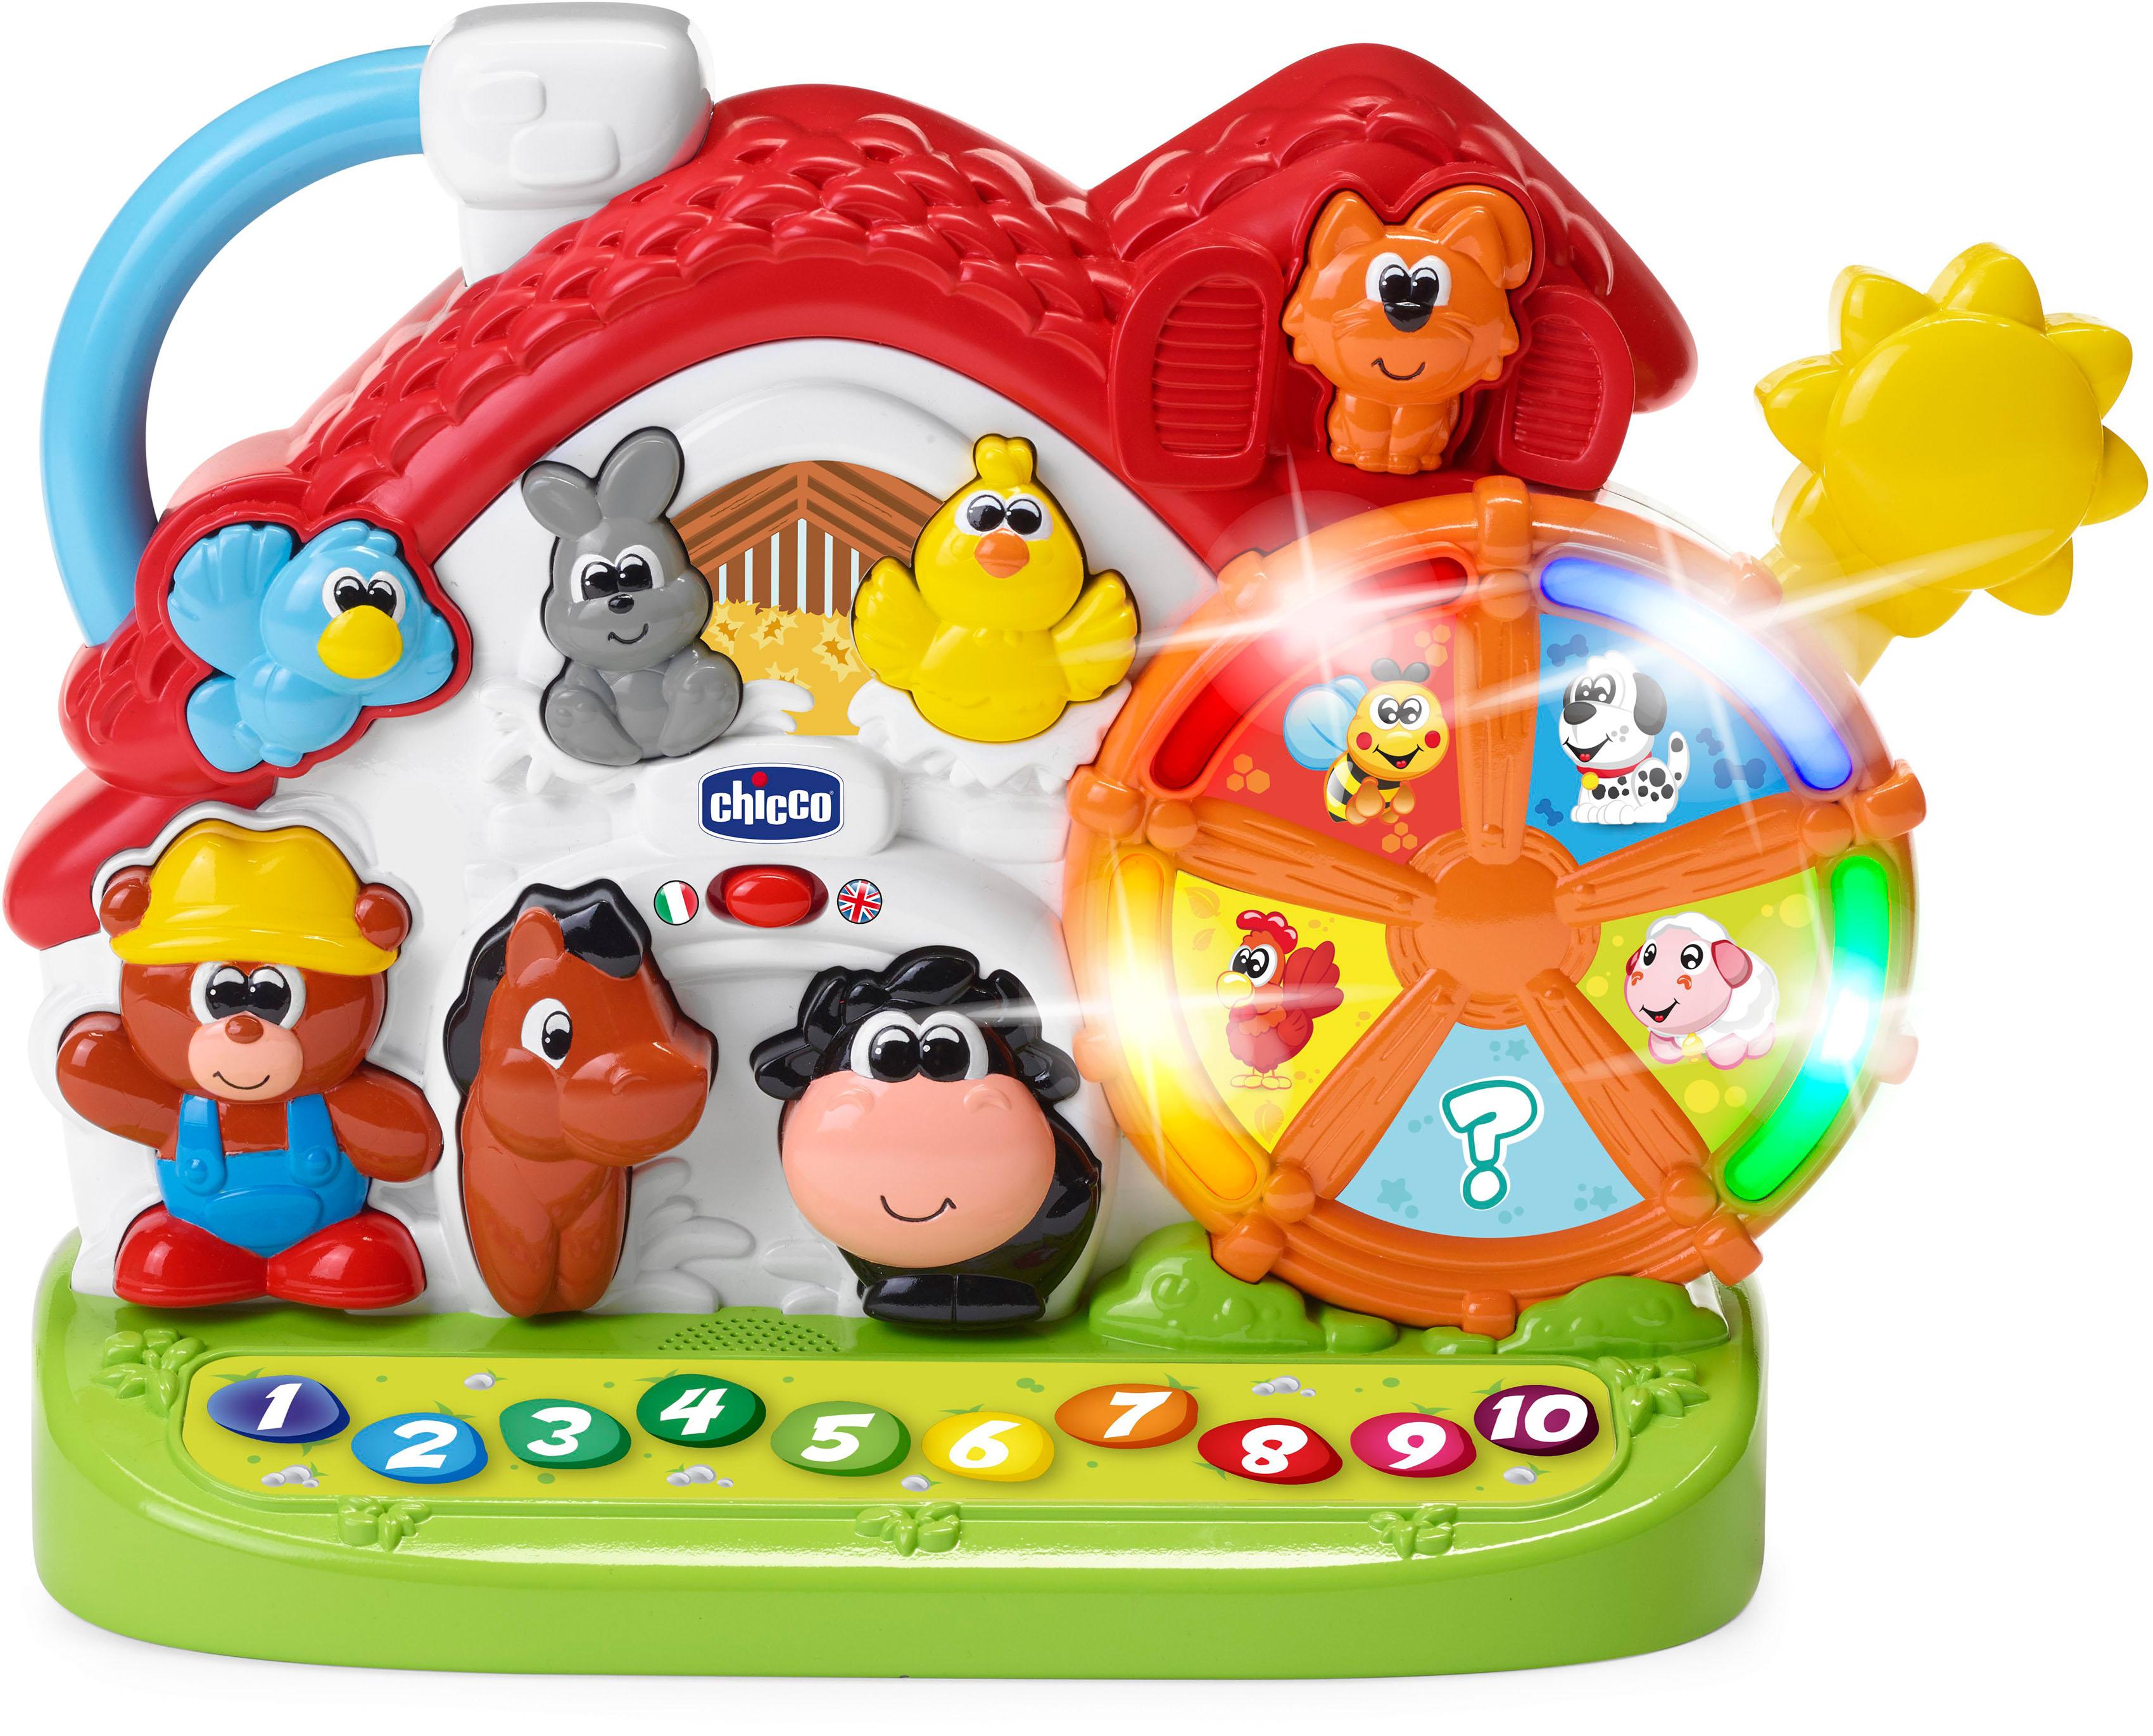 Chicco Lernspielzeug Sprechende Farm (D/GB) bunt Kinder Lernspiele